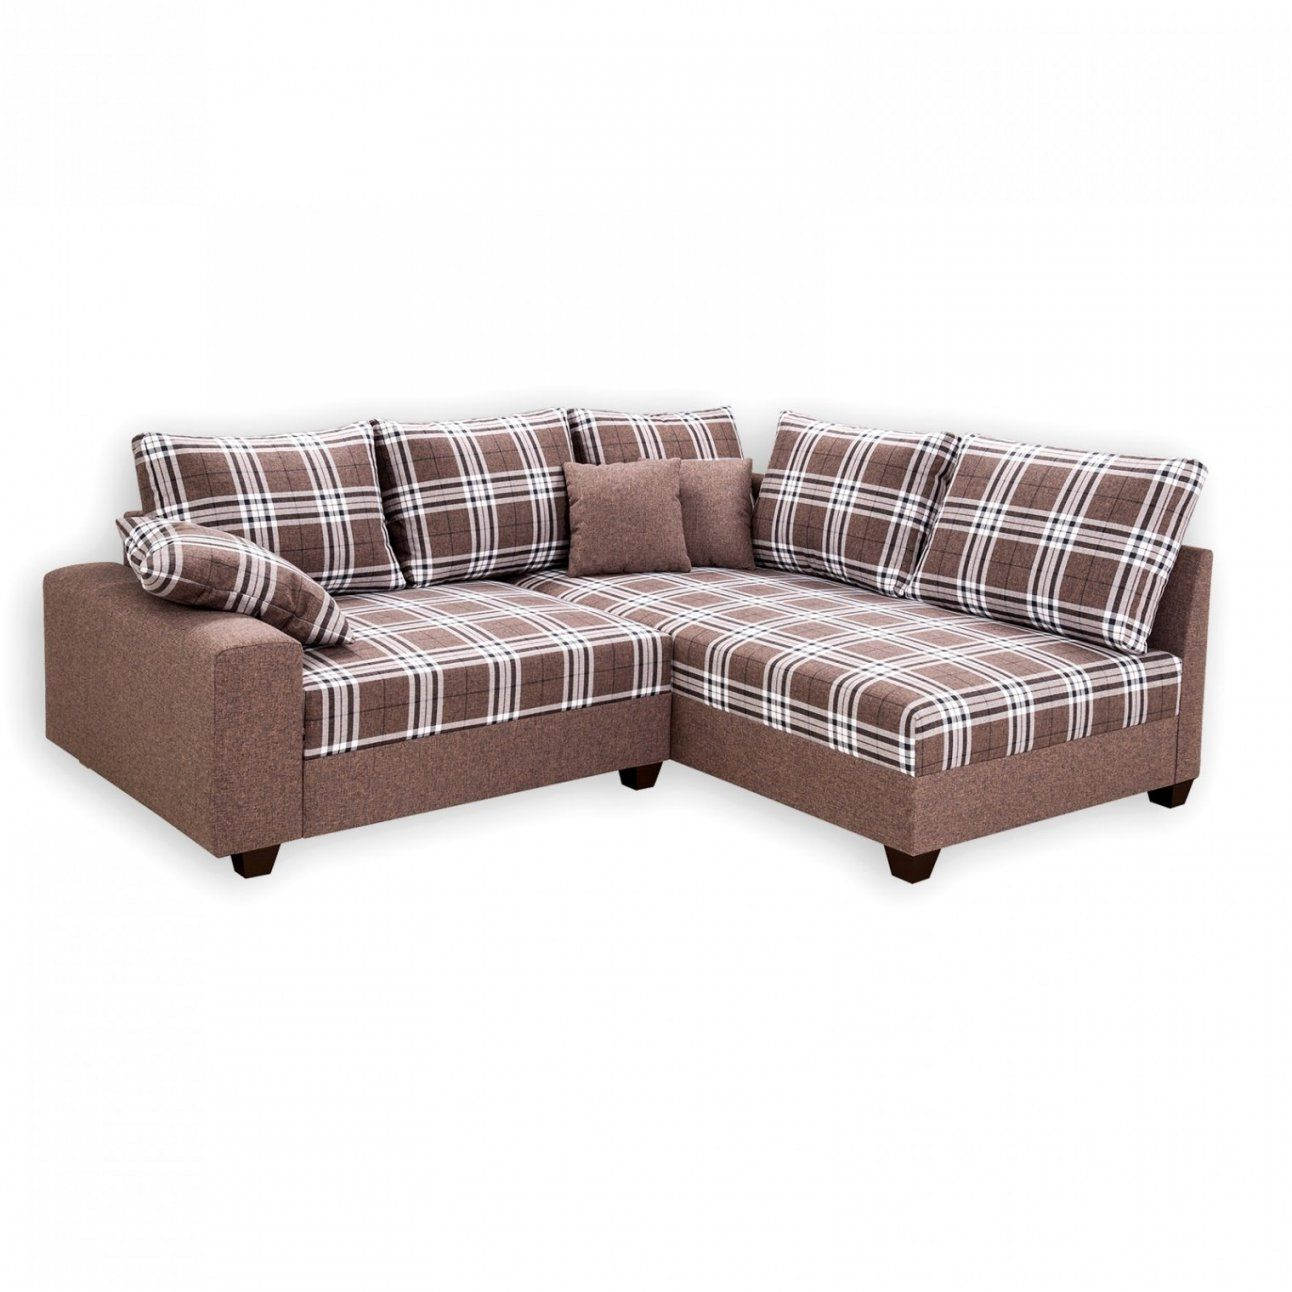 Full Size of Big Sofa Roller Arizona Couch Bei Grau Toronto Sam L Form Rot Kolonialstil Eck Schlafsofas Gnstig Ecksofa Mit Schlaffunktion Haus Türkis Hocker Konfigurator Wohnzimmer Big Sofa Roller